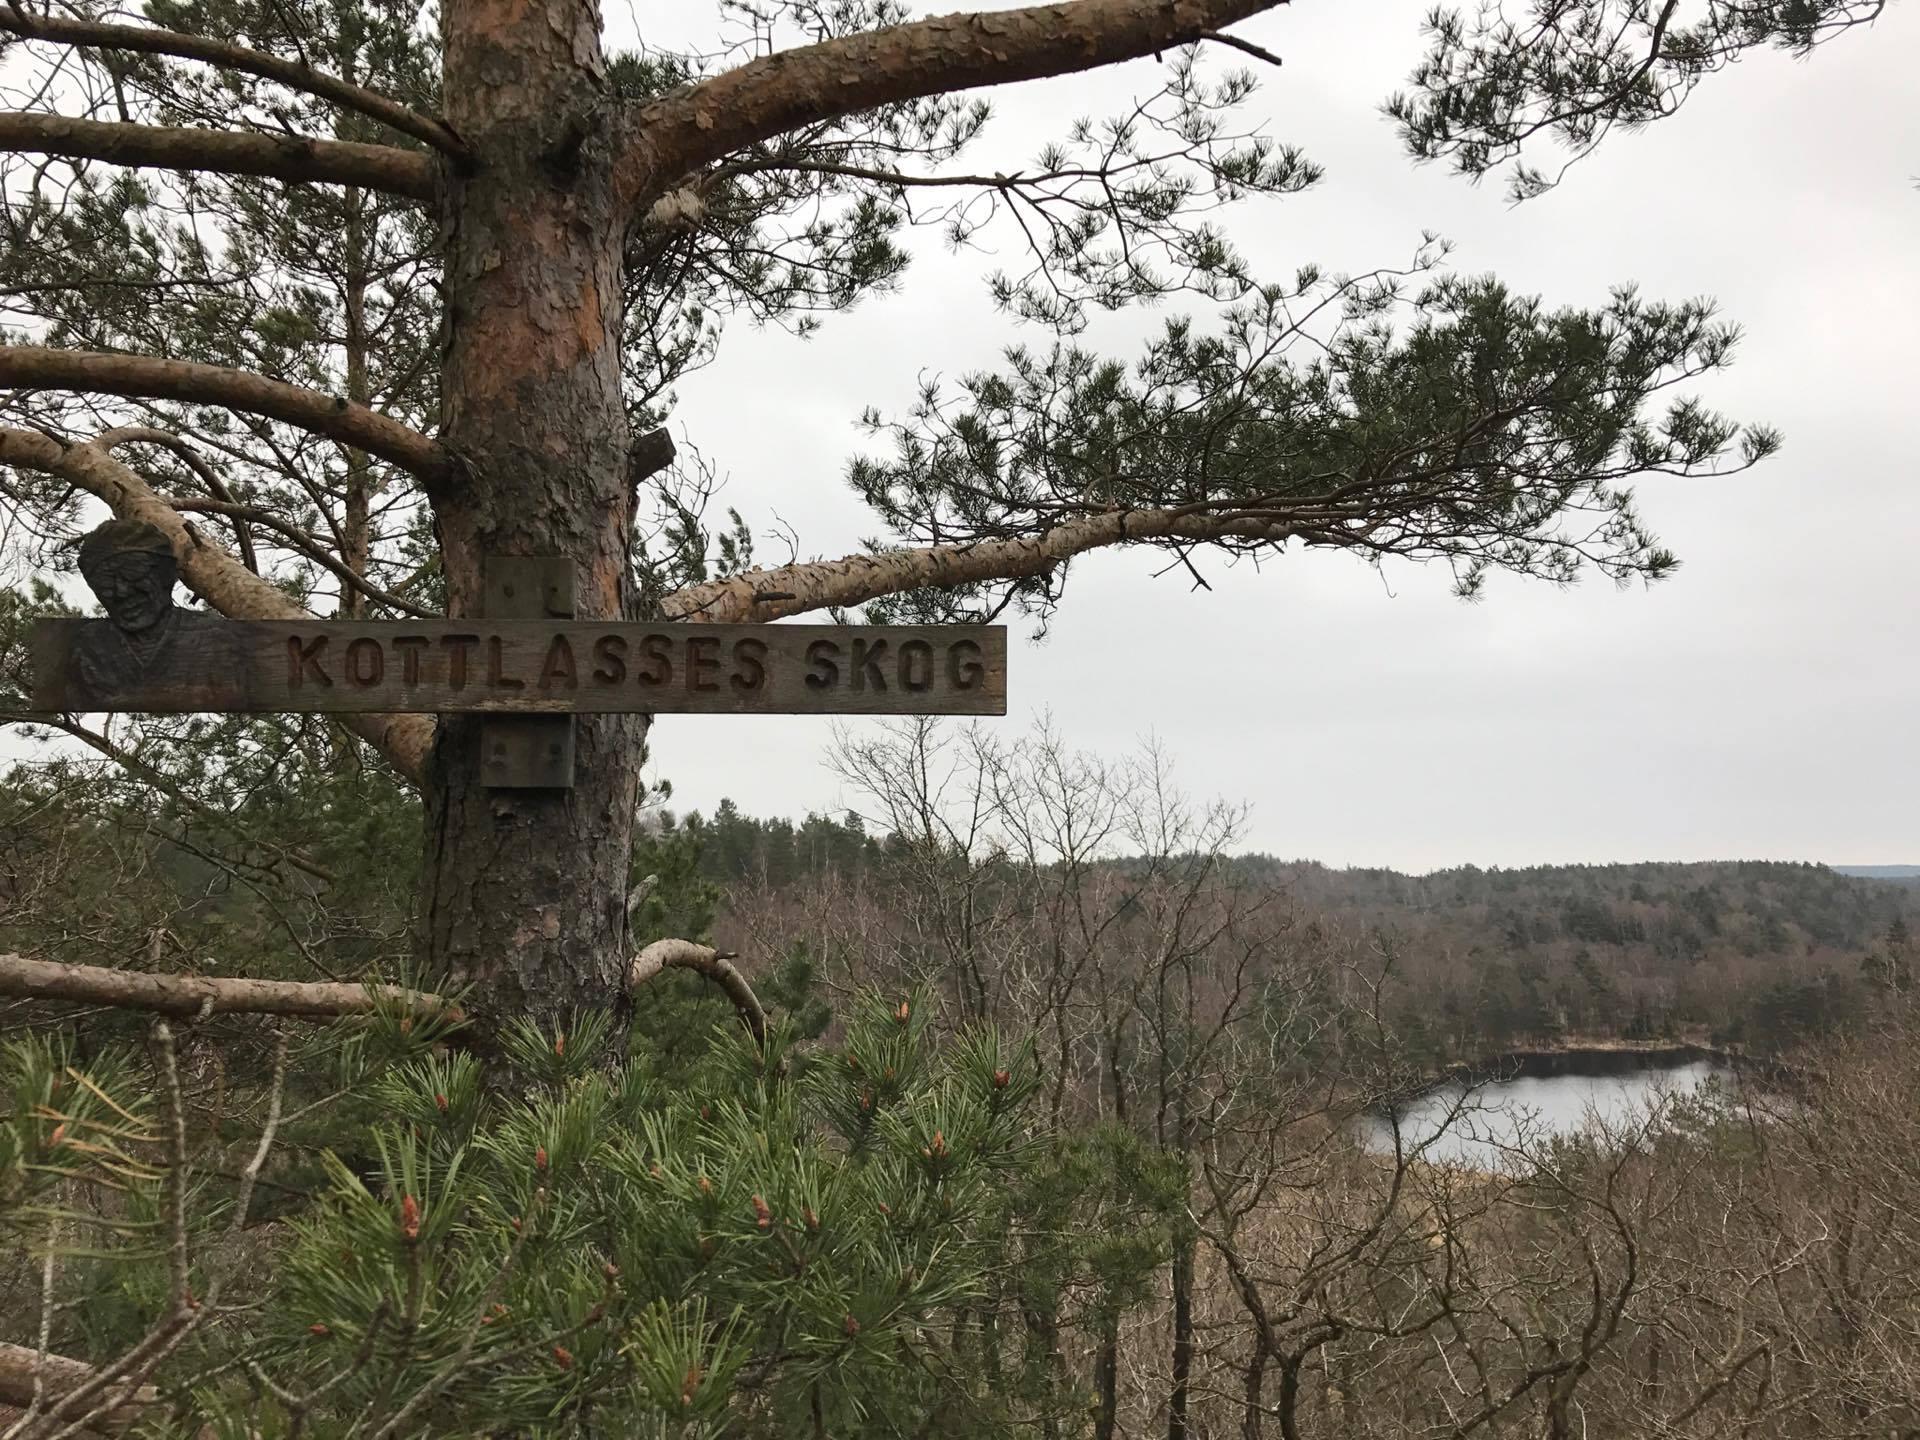 Kottlasses skog bänk, Skatås ryggar passerar